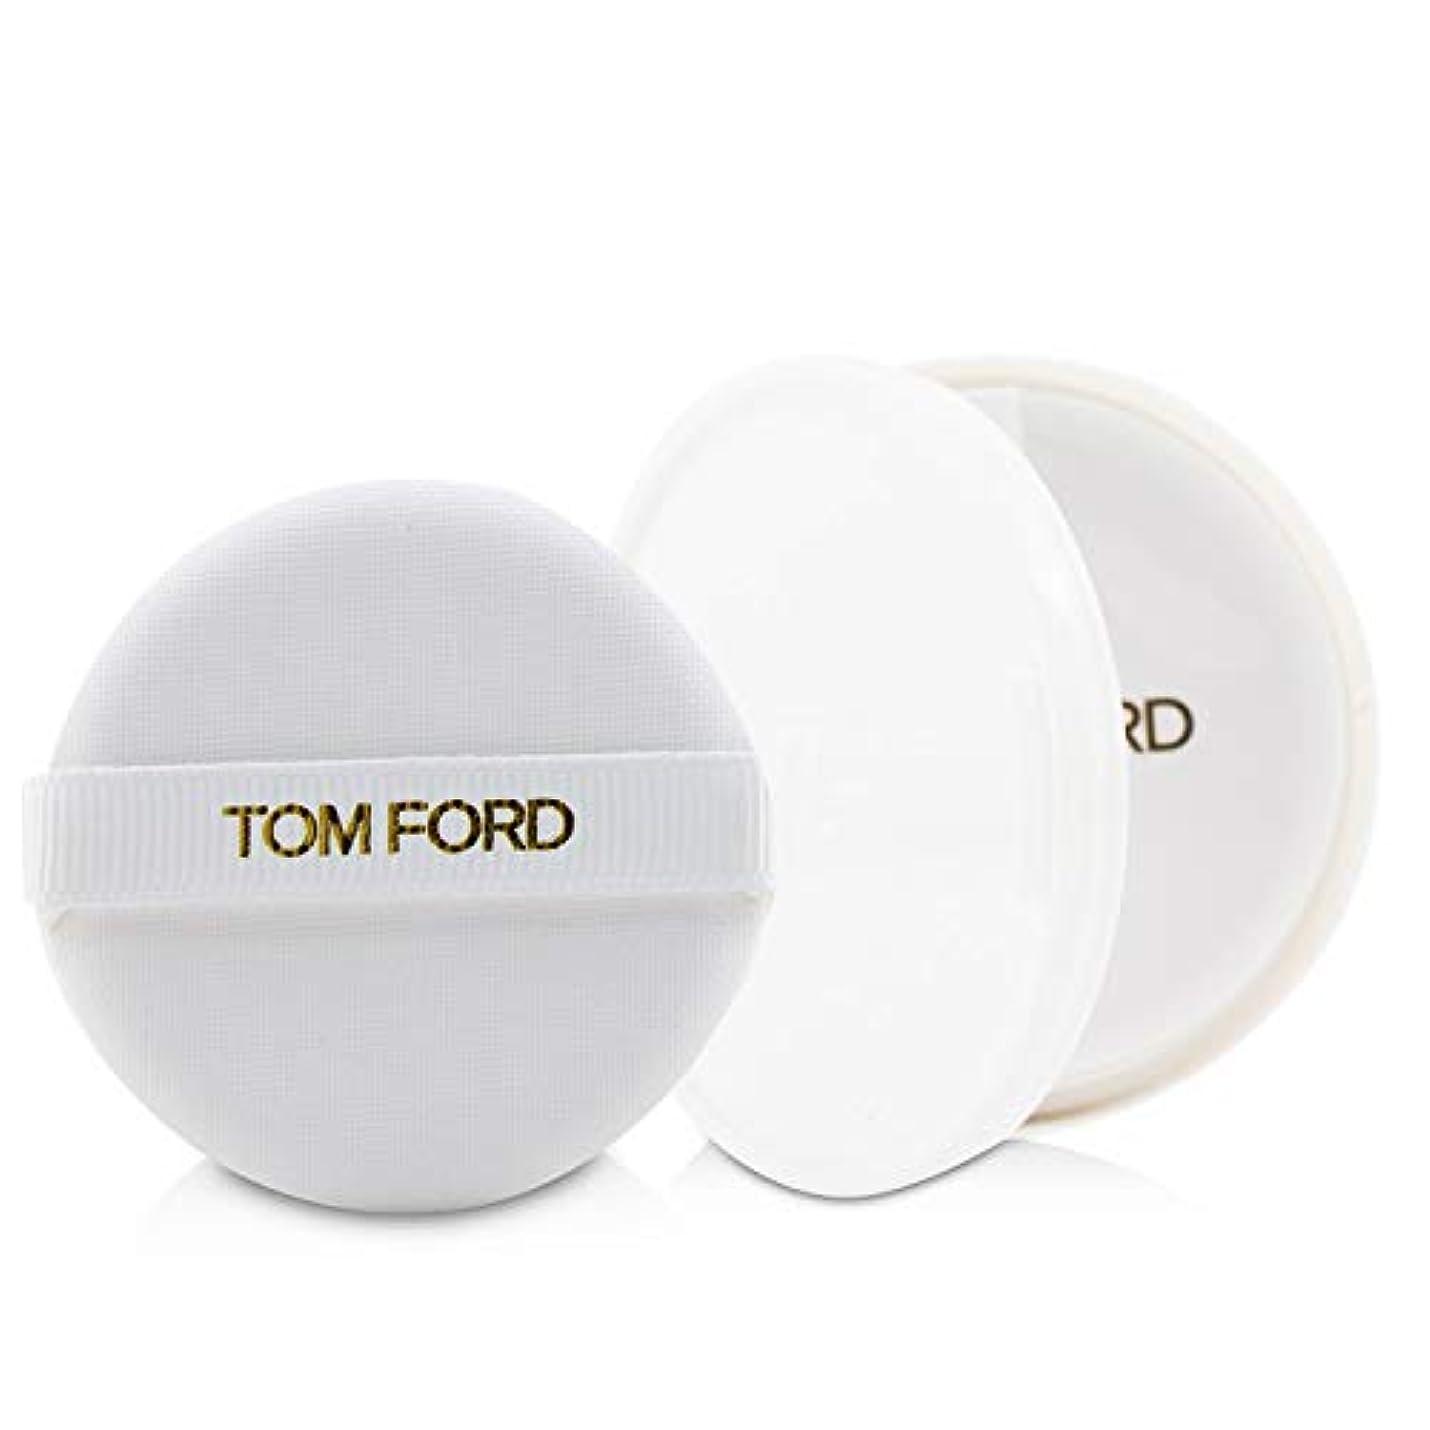 冷蔵庫静かにフィードオントム フォード Soleil Glow Tone Up Hydrating Cushion Compact Foundation SPF40 Refill - # 7.8 Warm Bronze 12g/0.42oz並行輸入品